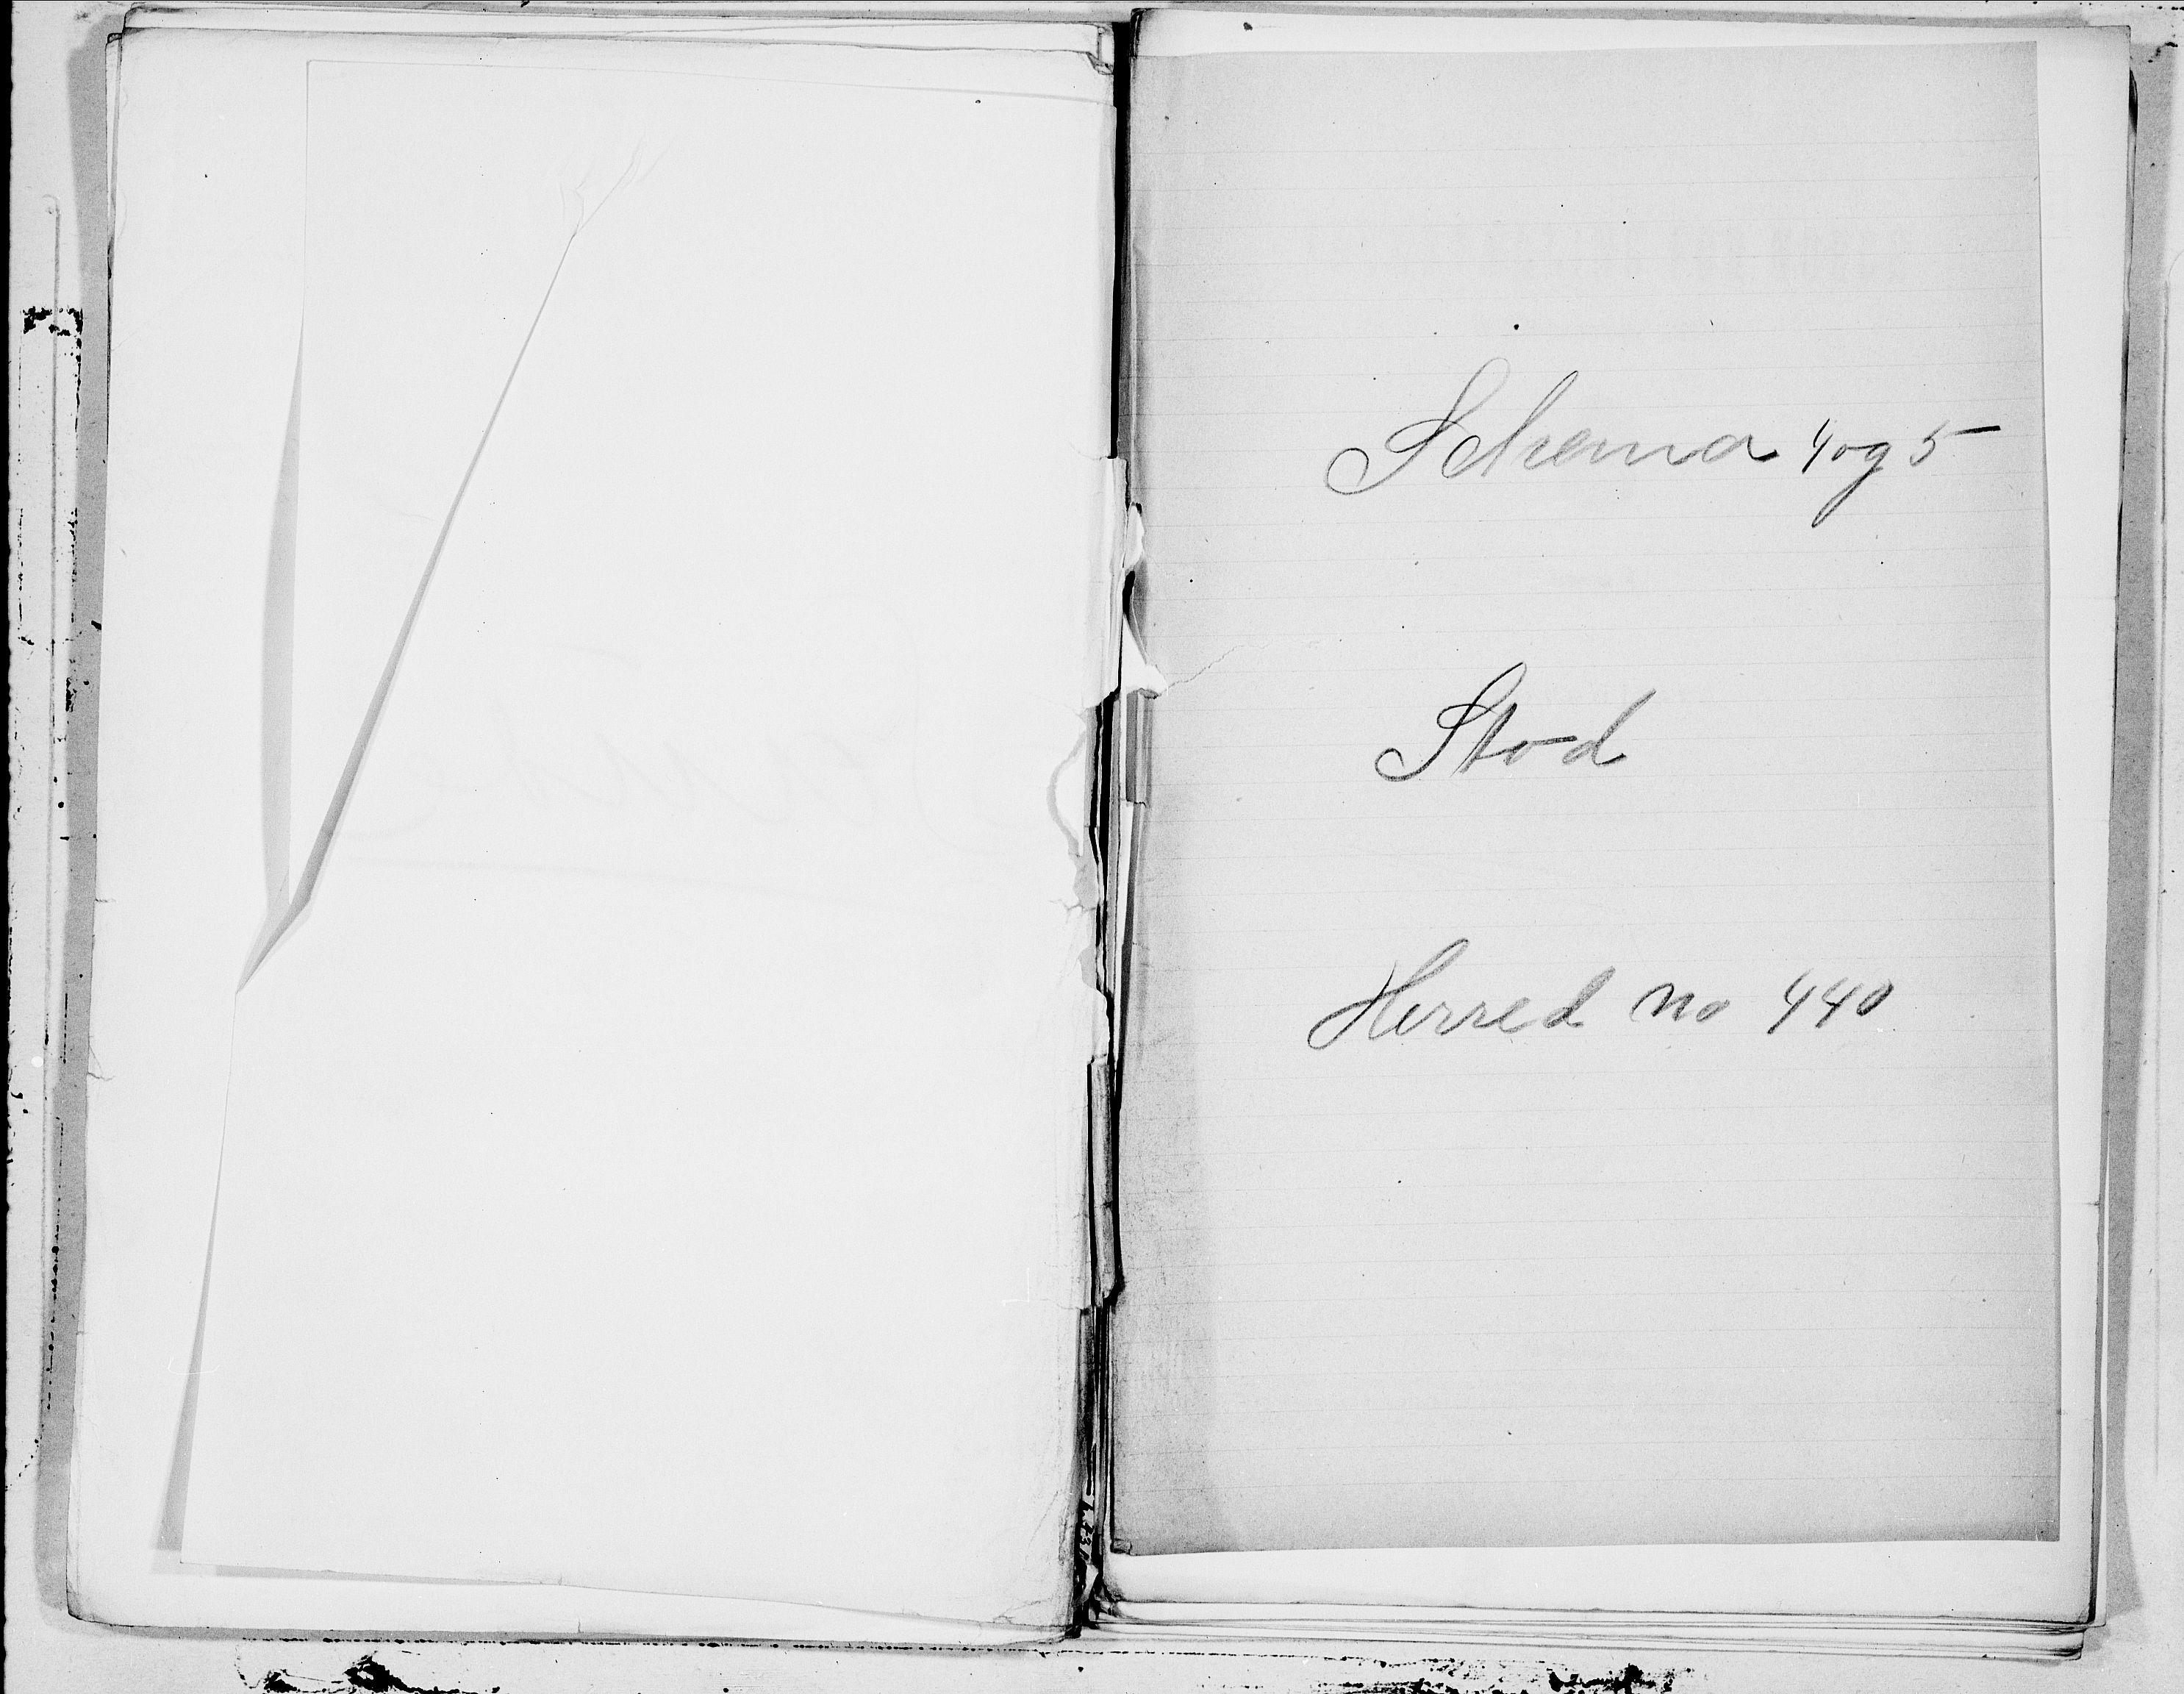 SAT, Folketelling 1900 for 1734 Stod herred, 1900, s. 1